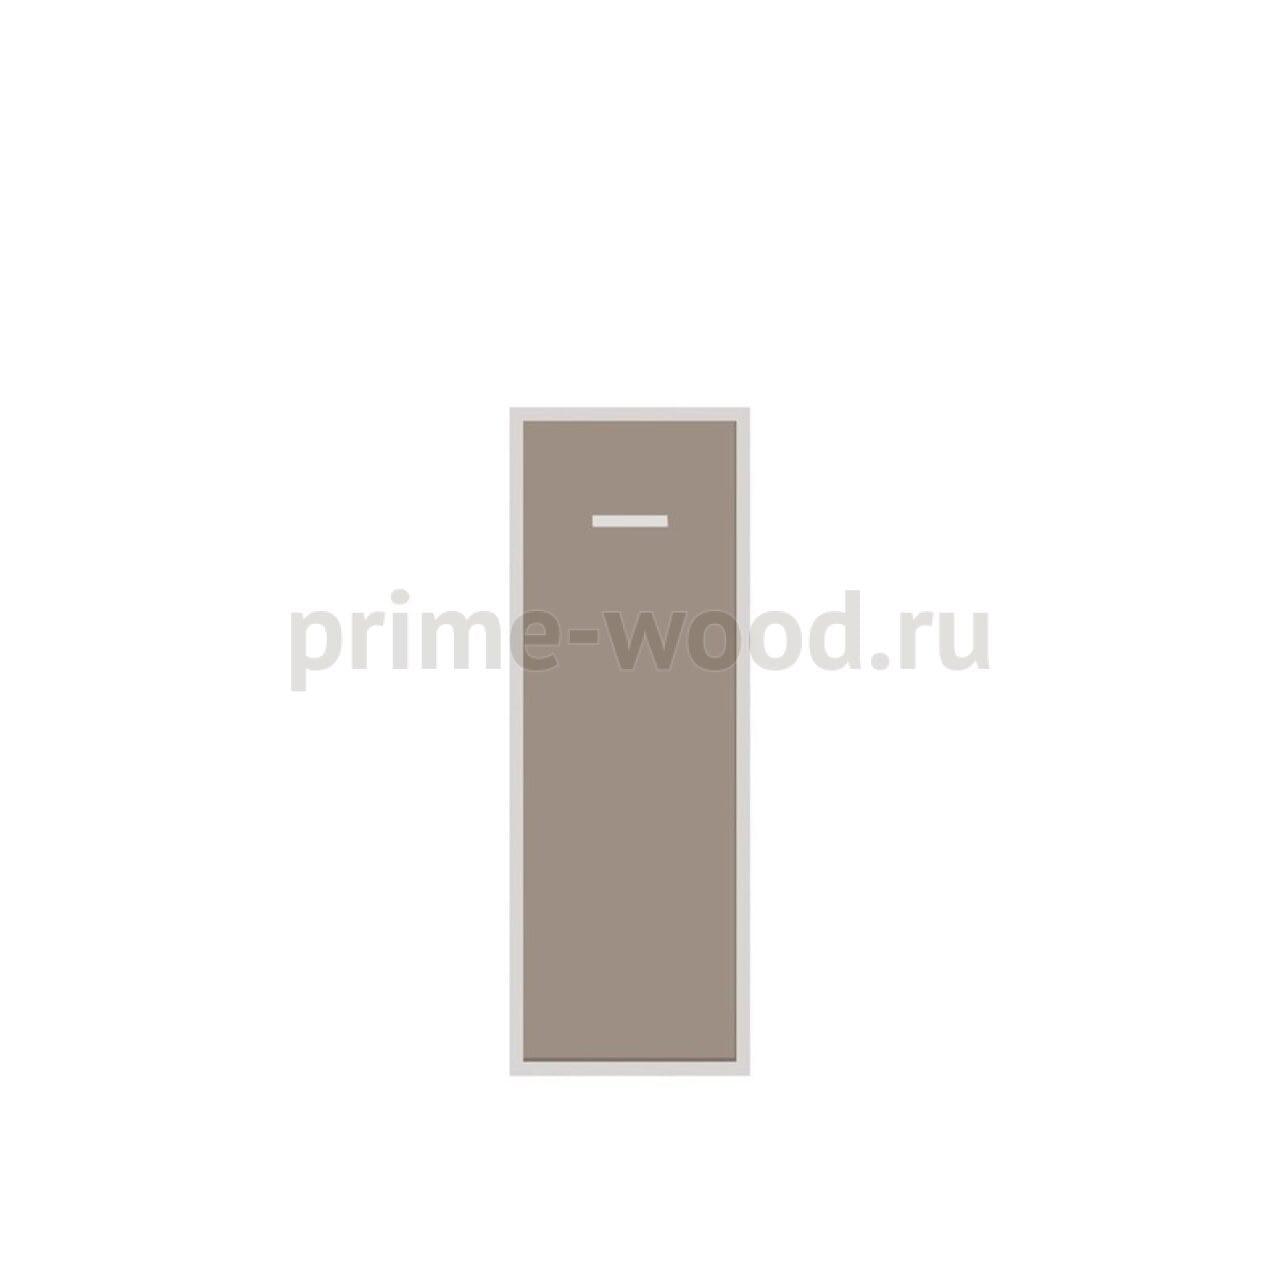 Дверь тонированная в раме  Бонд 44x2x122 - фото 3